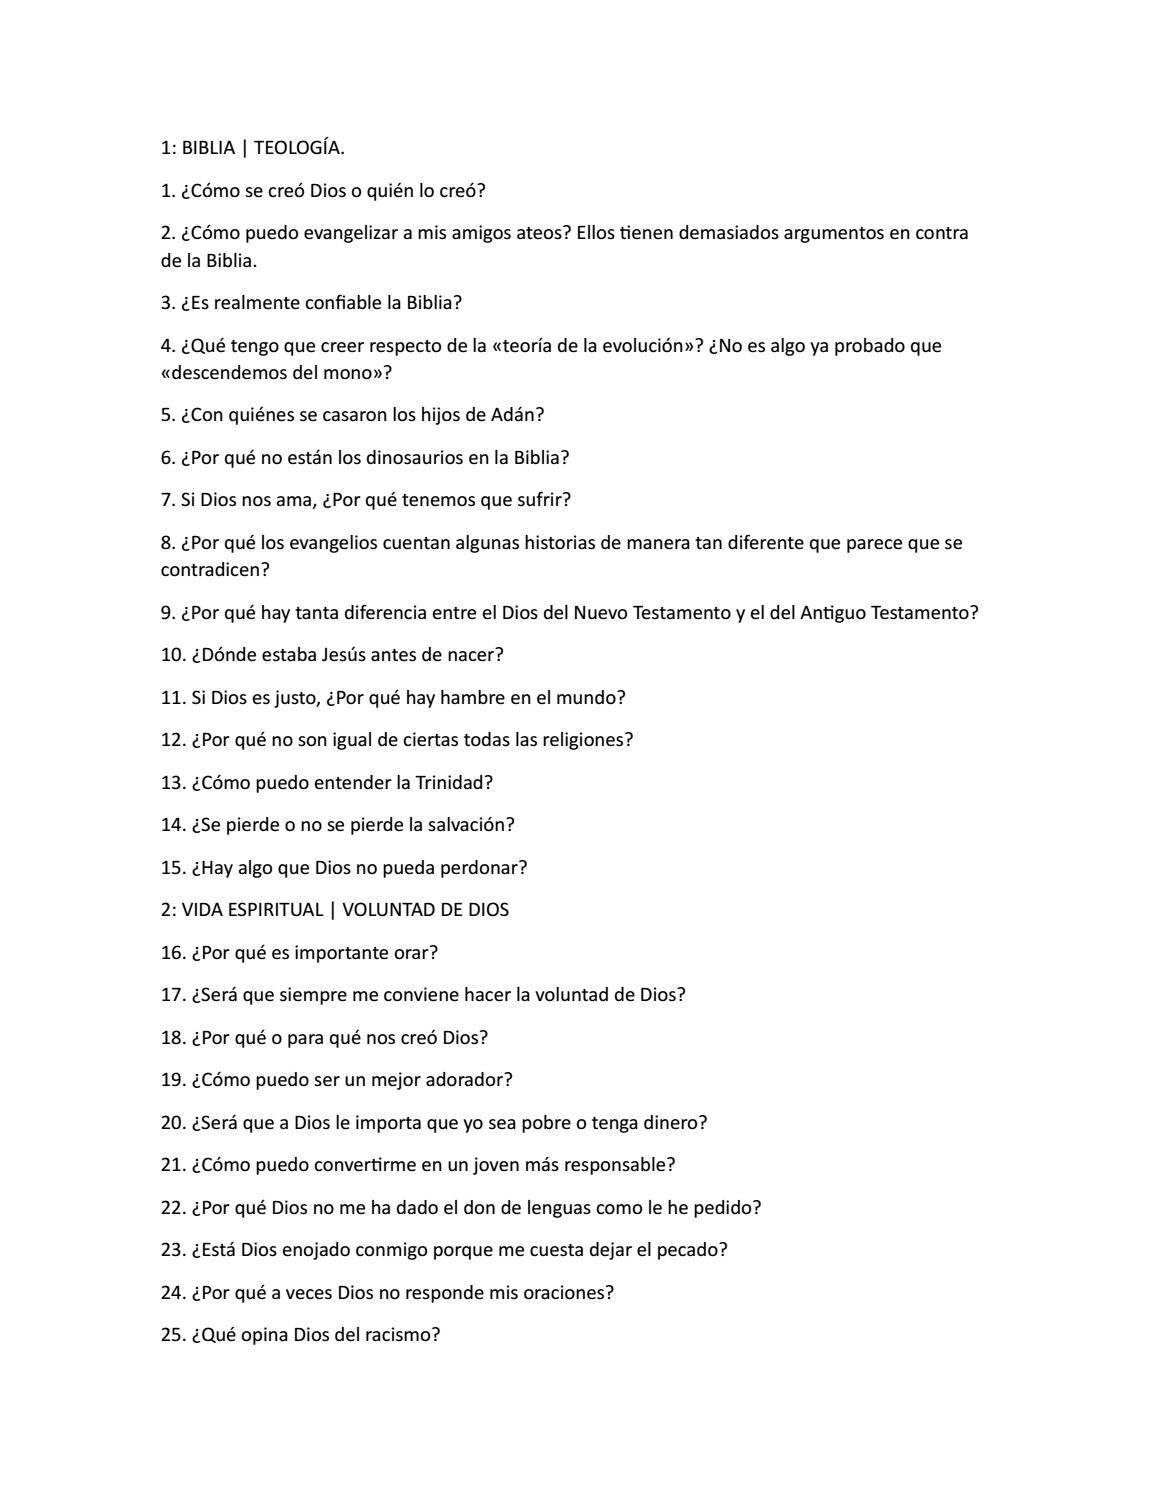 Preguntas difciles 101 respuestas directas by el arte de servir issuu fandeluxe Images